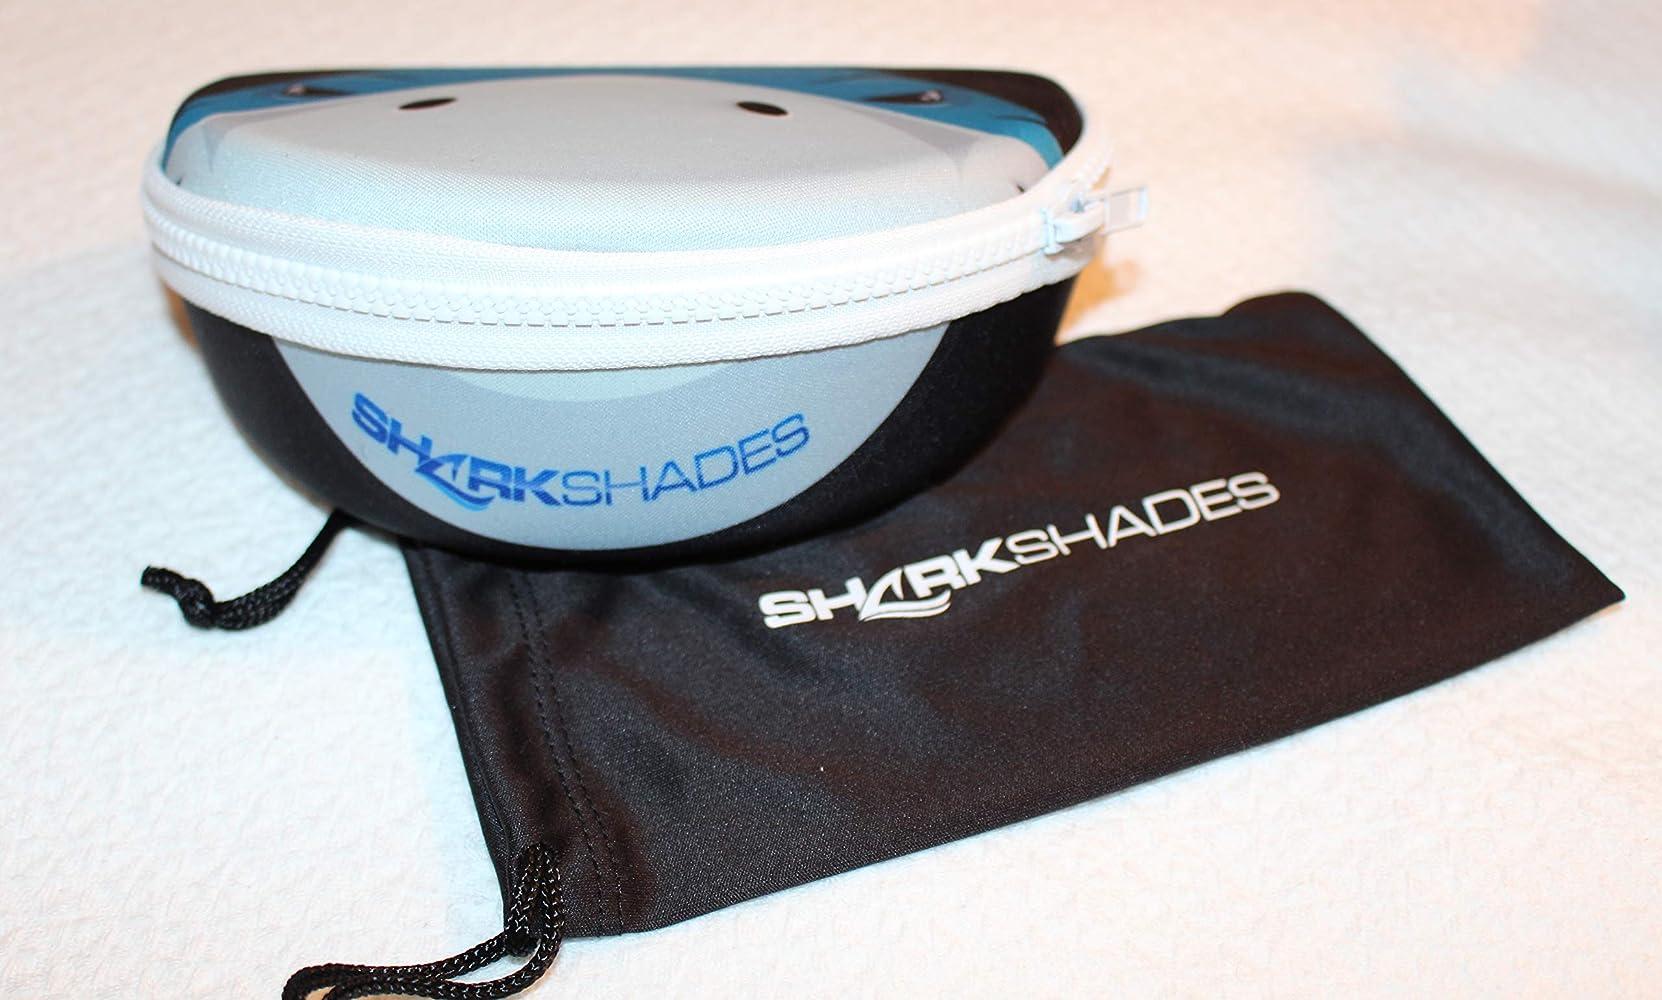 Shark Shades Sombras de tiburón: Amazon.es: Ropa y accesorios